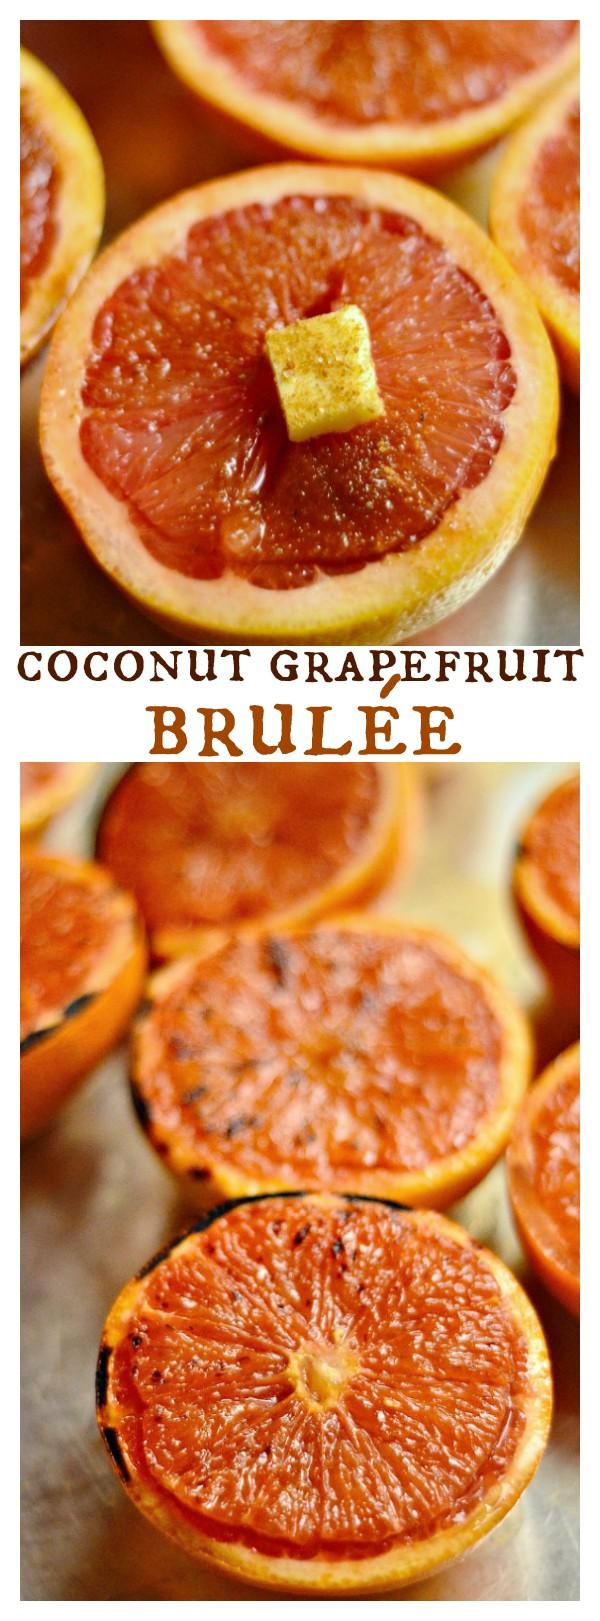 Coconut Grapefruit Brulée for Easter Brunch or a springtime gathering